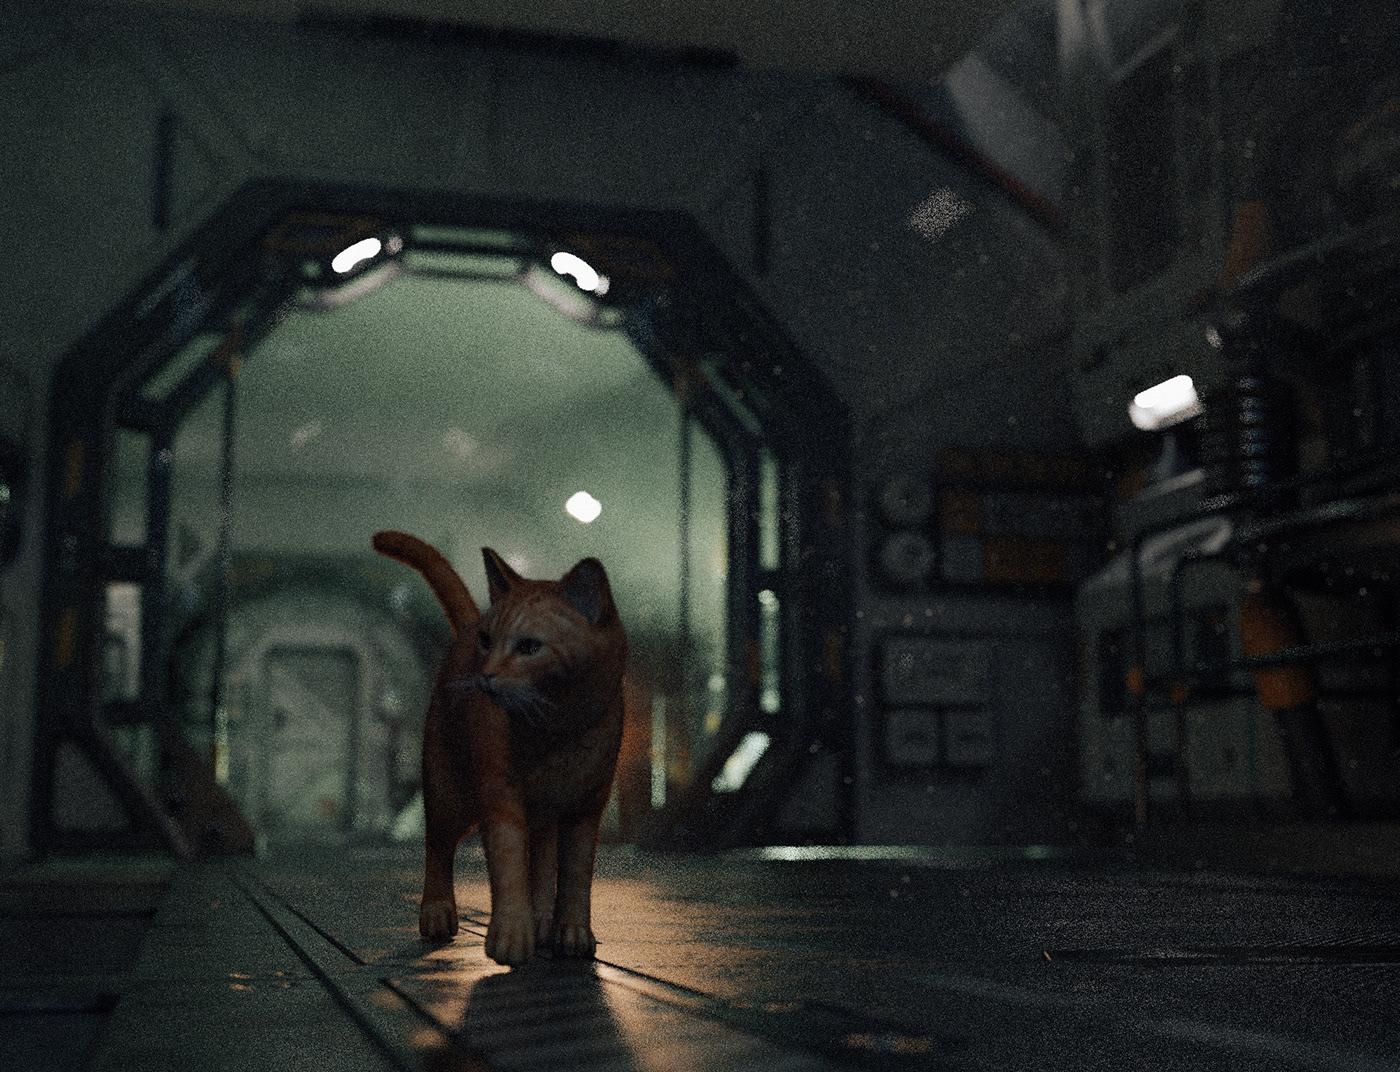 alien Cat daz3d horror Jonesy Nostromo sci-fi